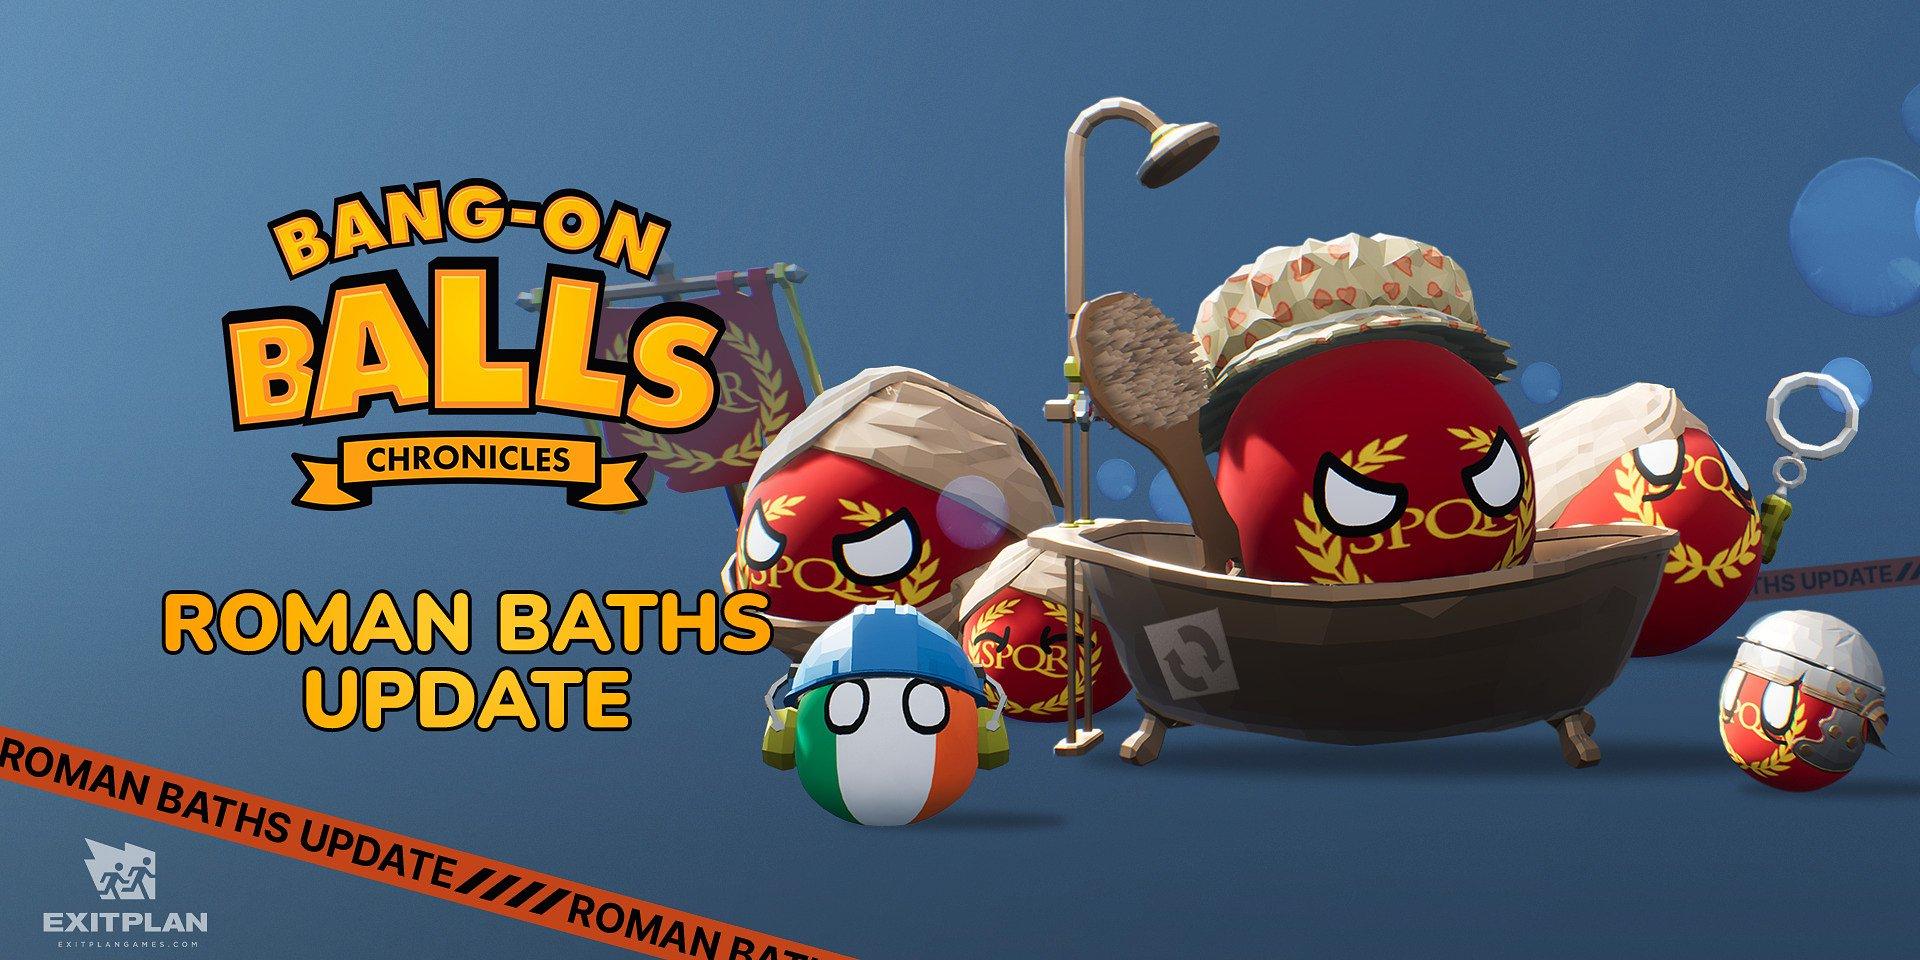 Jeder Tag ist Badetag! Das Bang-on Balls: Chronicles Römische Bäder Update wird ausgerollt!